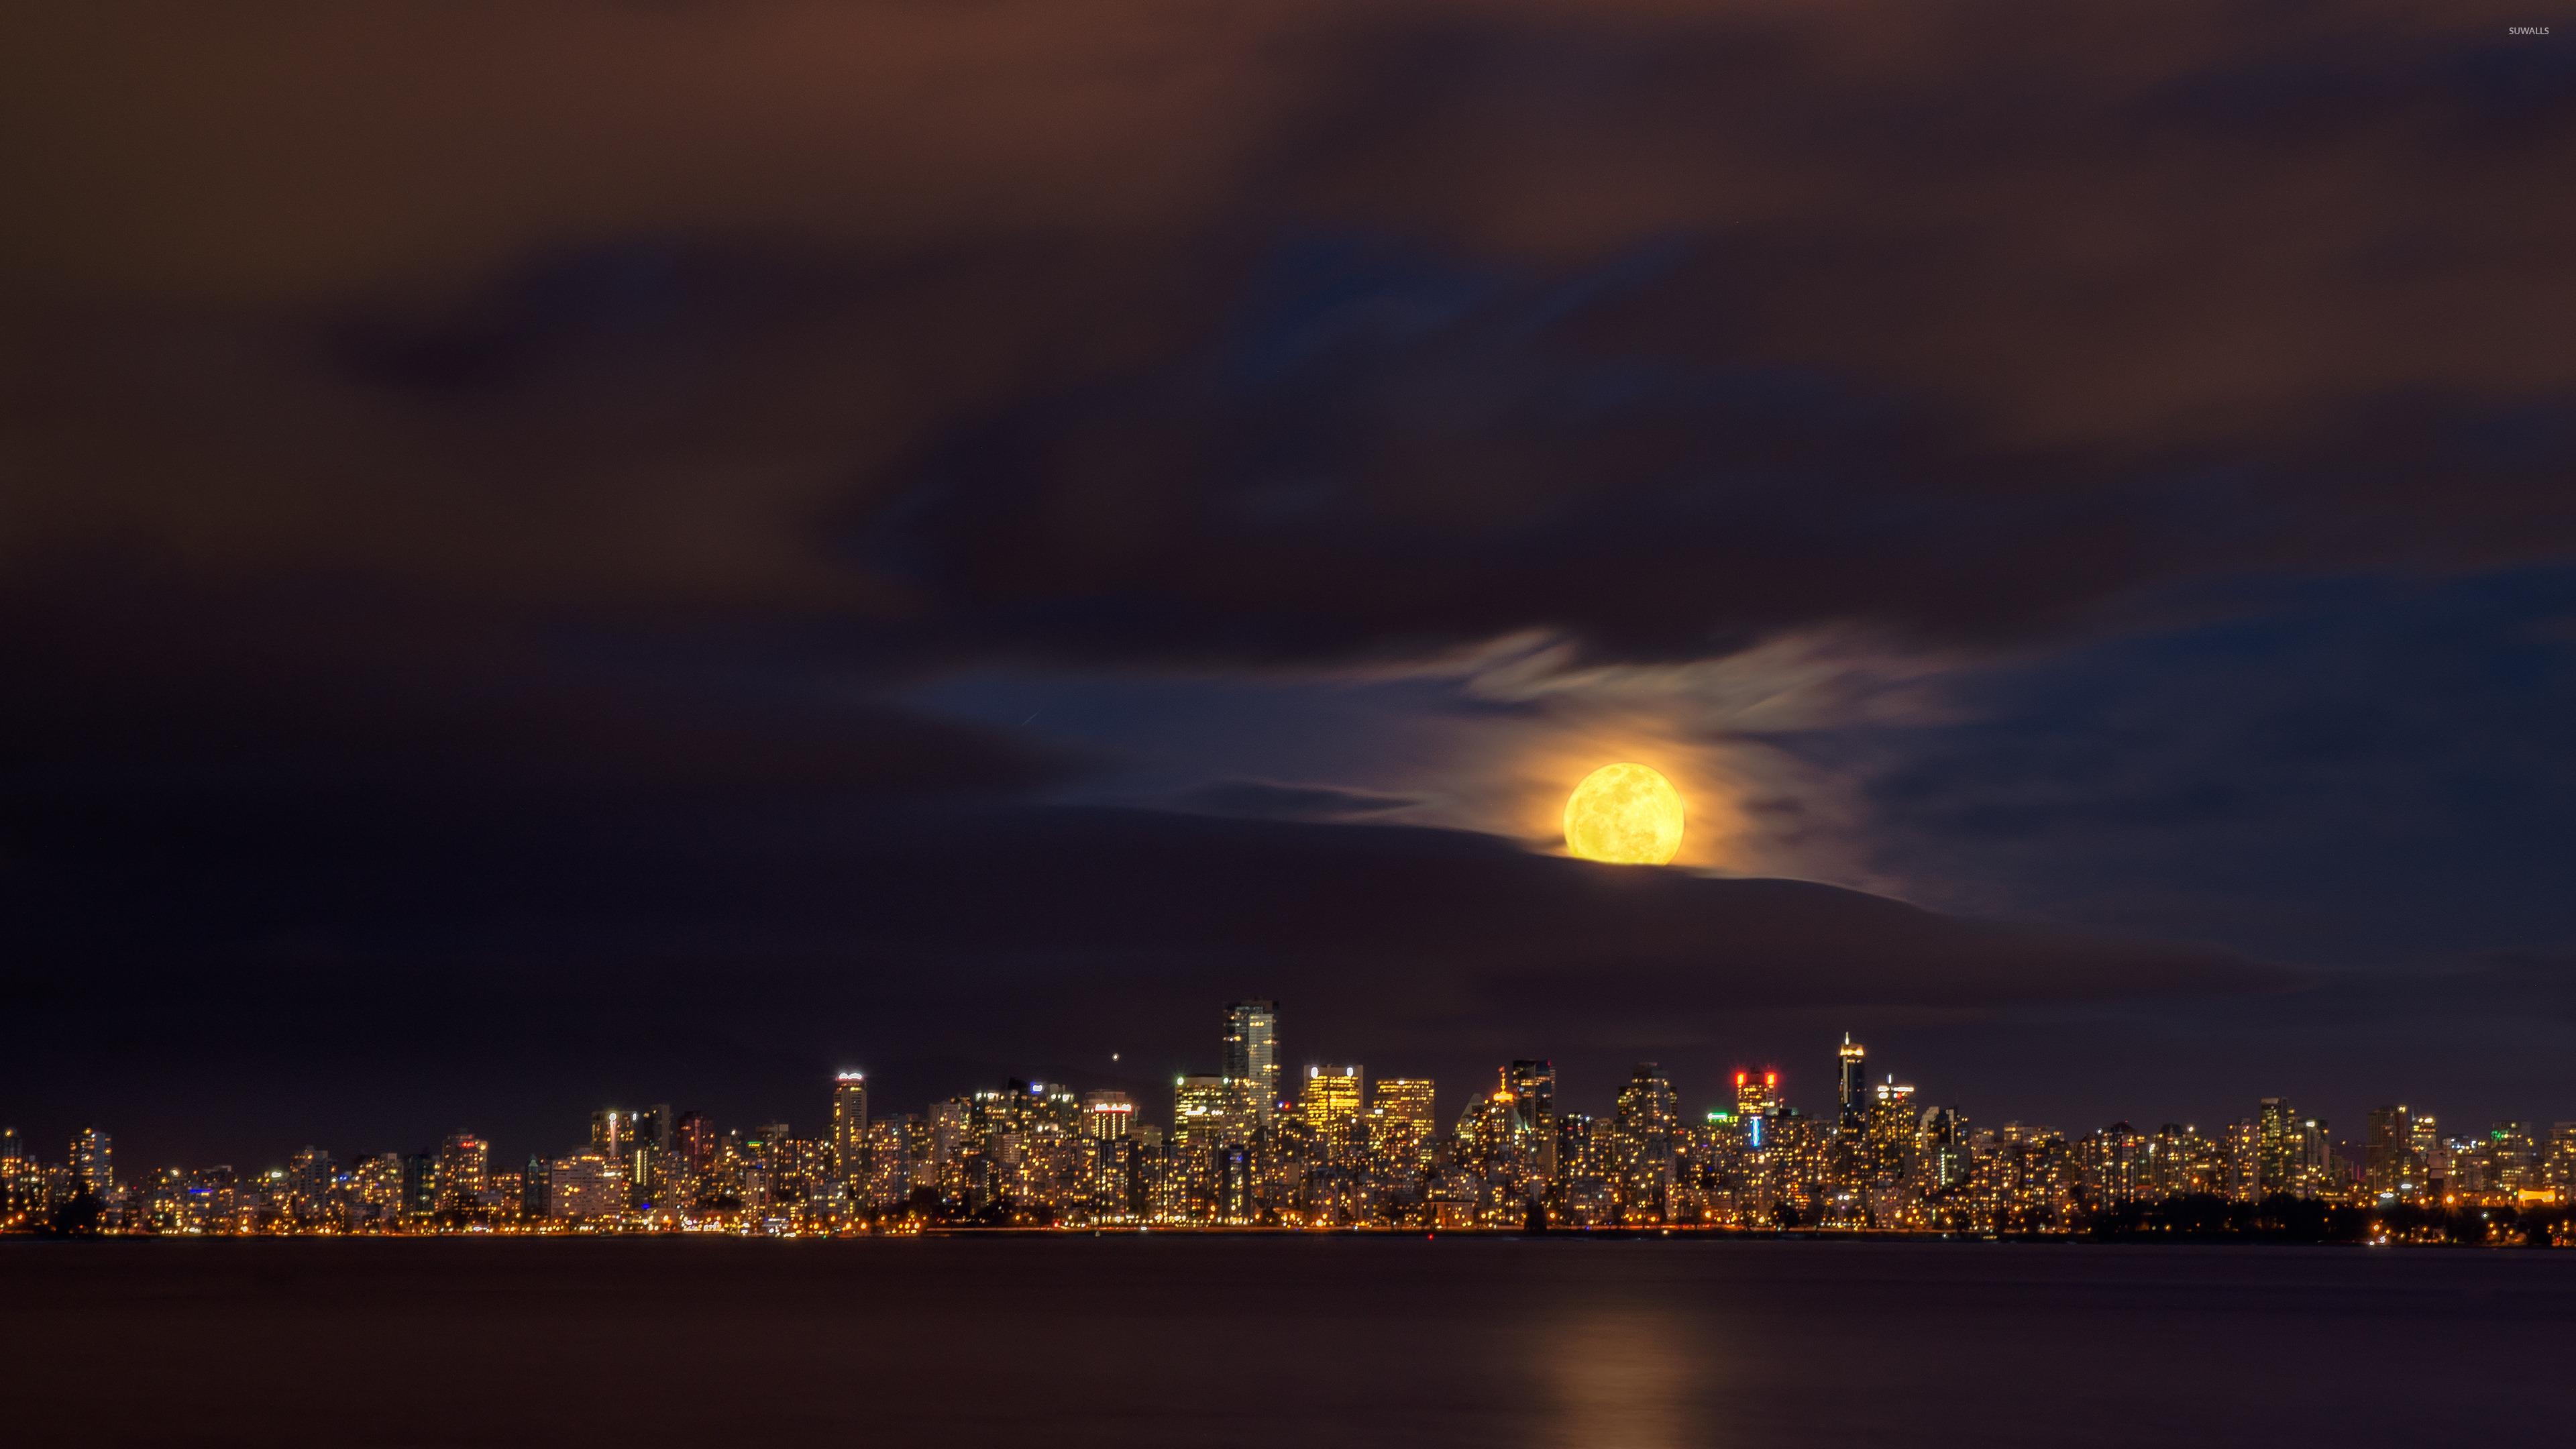 луна над городом  № 1456809 загрузить